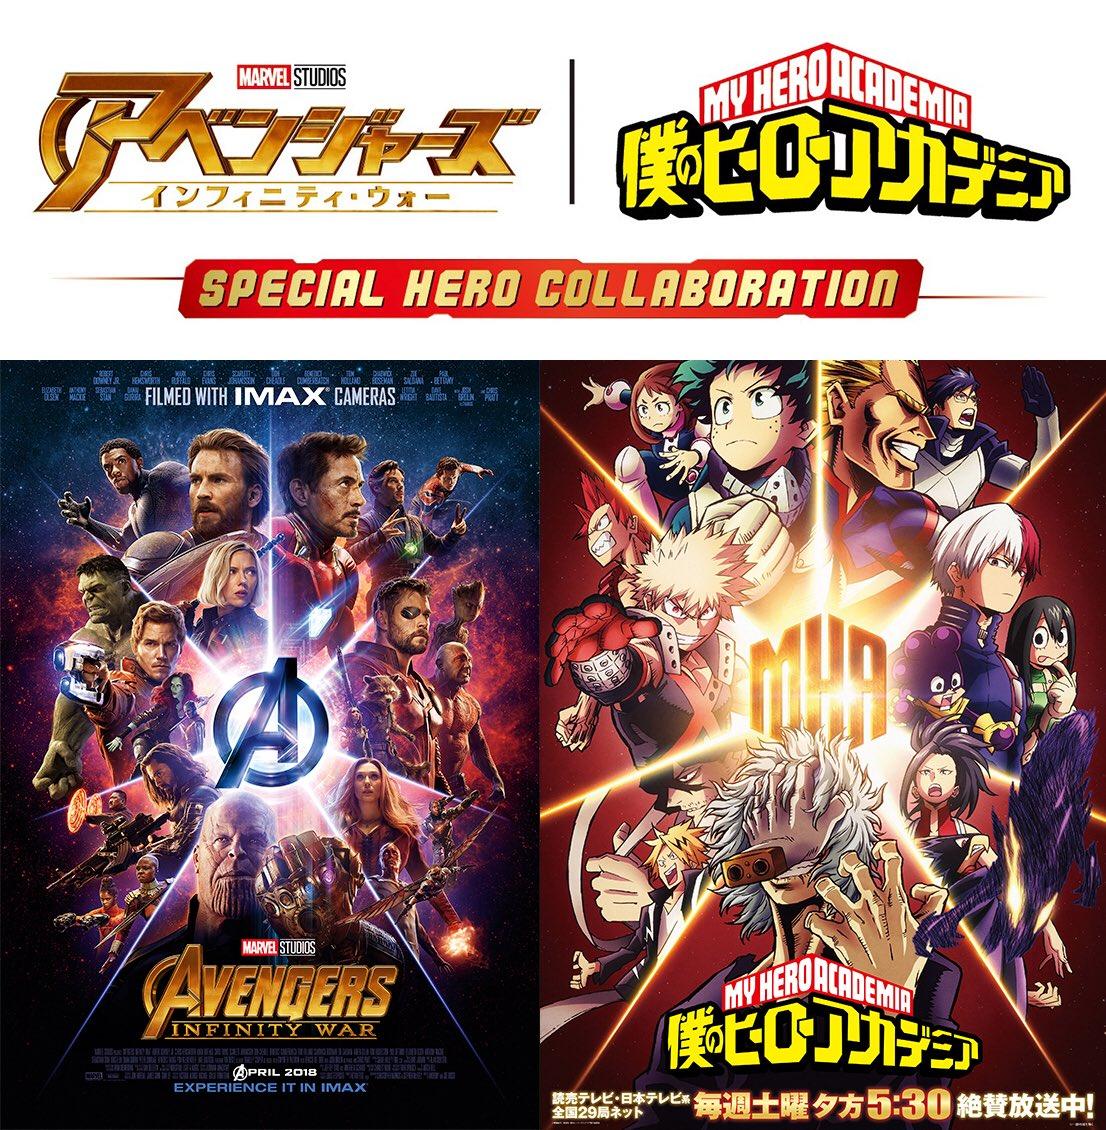 bnha_marvel_season 3 crossover.jpg